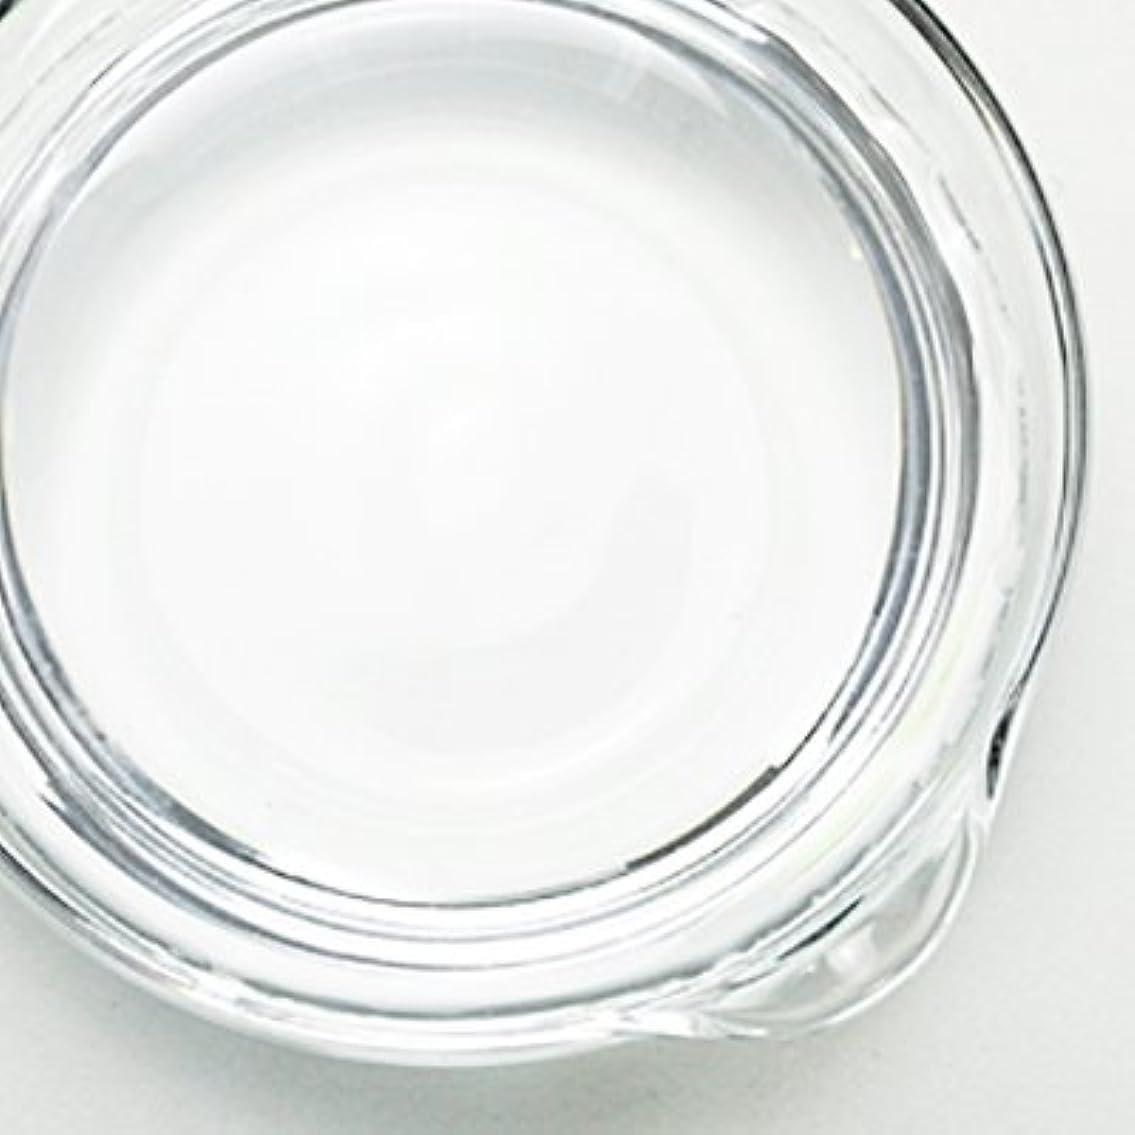 でもオンス医療過誤1,3-ブチレングリコール[BG] 250ml 【手作り石鹸/手作りコスメ】